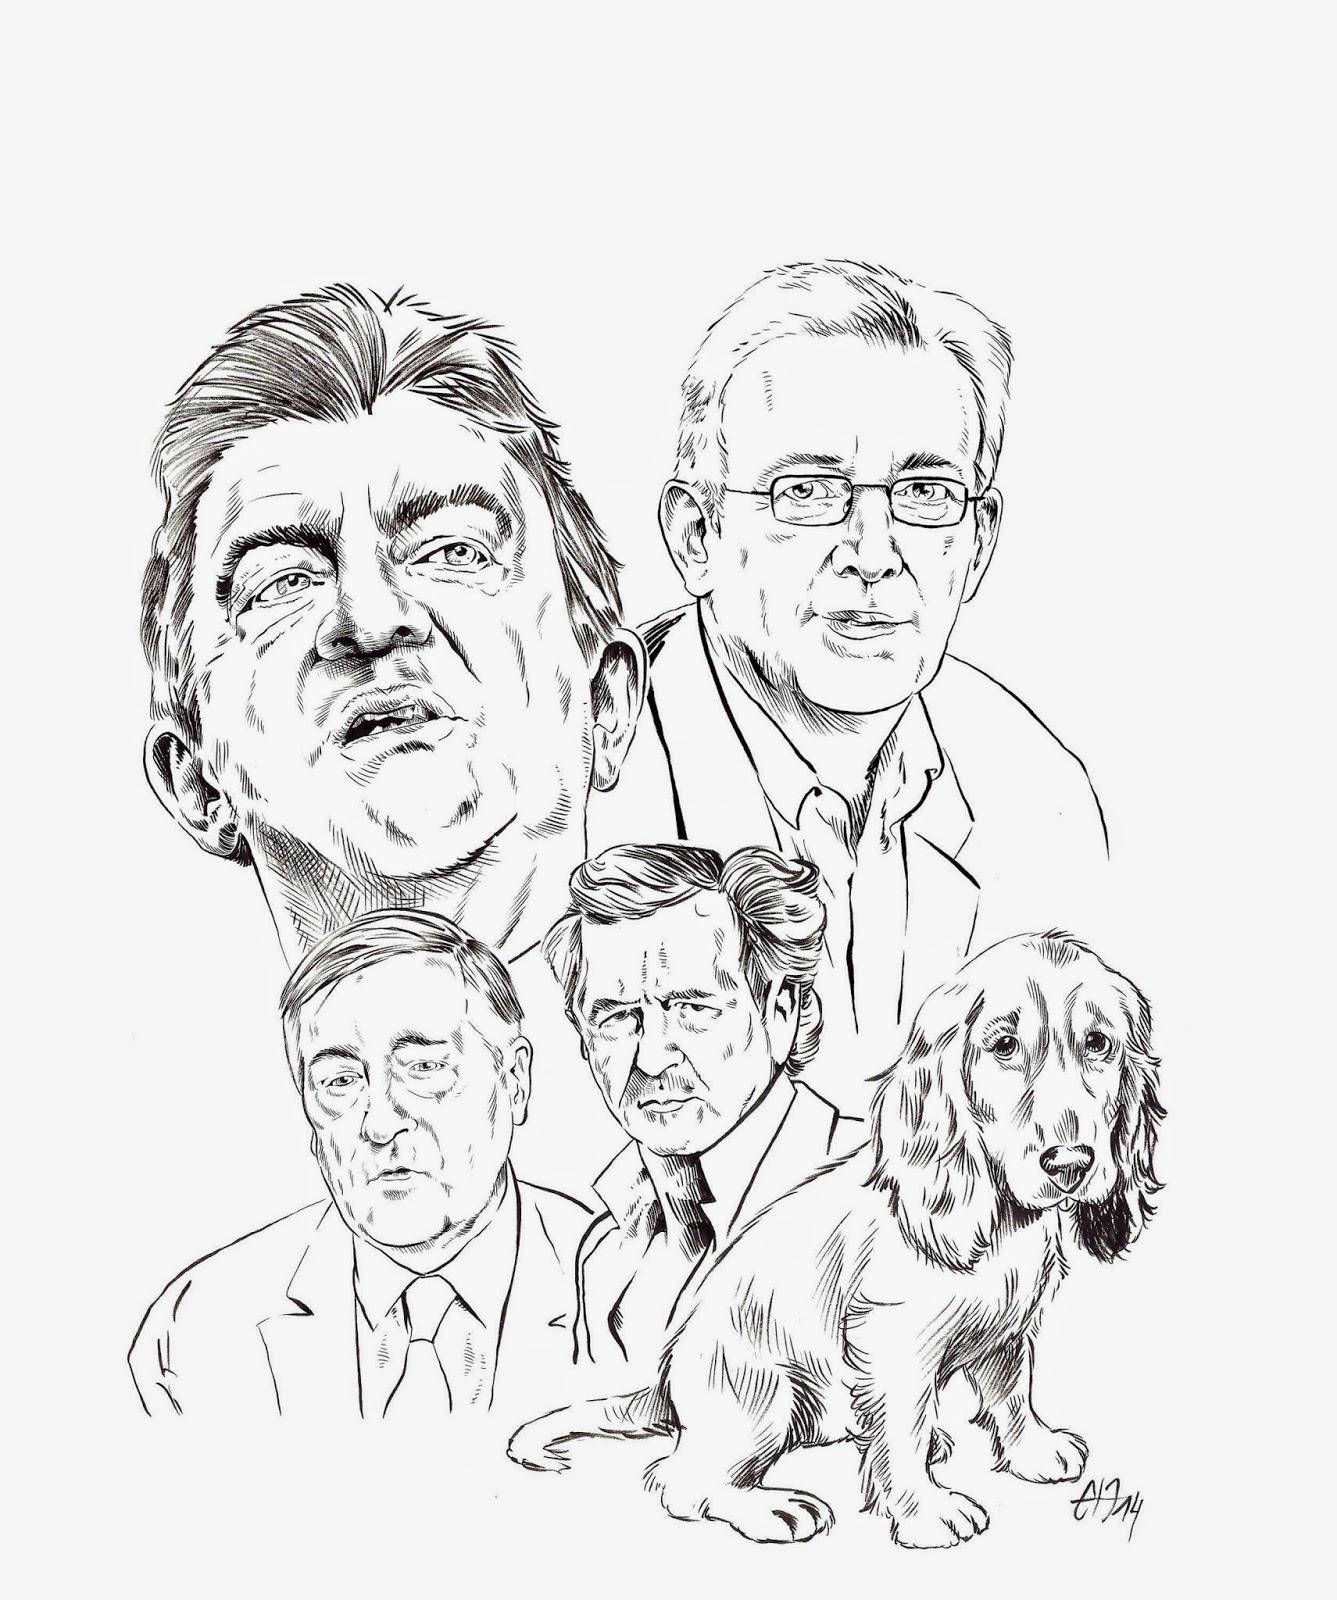 Portraits réalisés au pinceau à encre de Chine de Mélenchon, Laurent, Duhamel, BHL et d'un cocker par Guillaume Néel pour le Journal Fakir